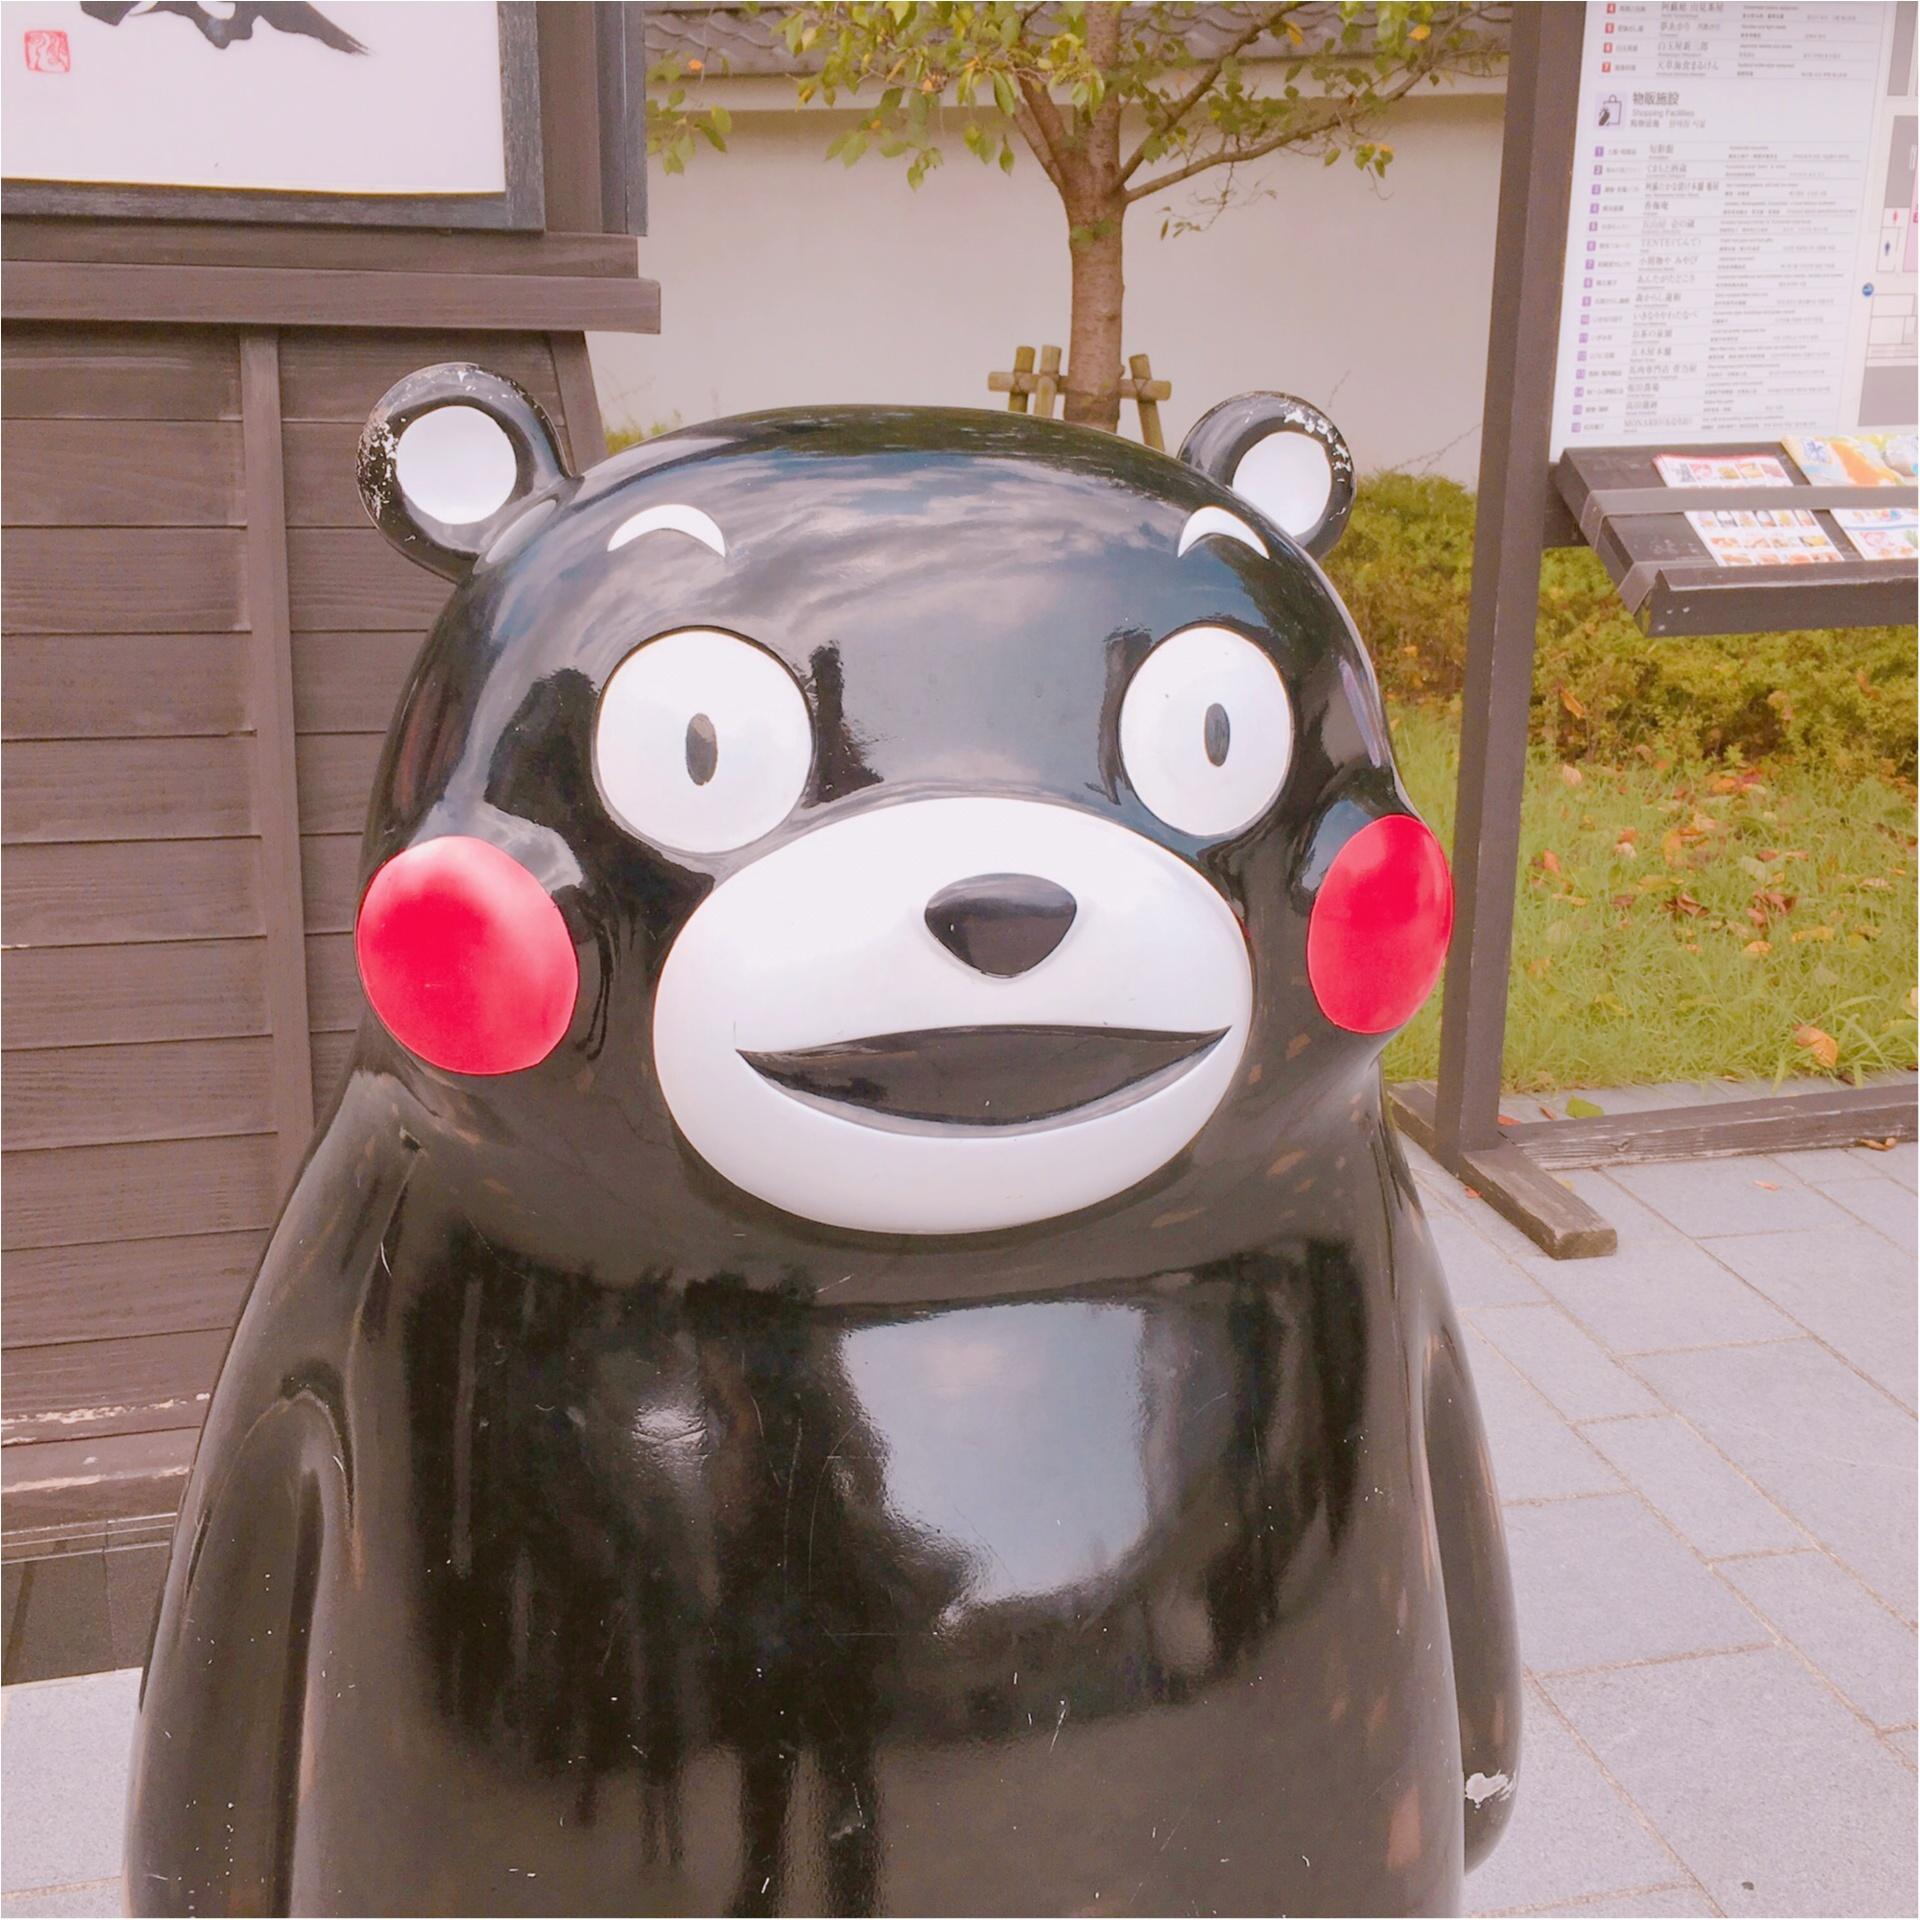 熊本市内で「くまモン」といくつ出会えるのか?~予告編~【#モアチャレ 熊本の魅力発信!】_1